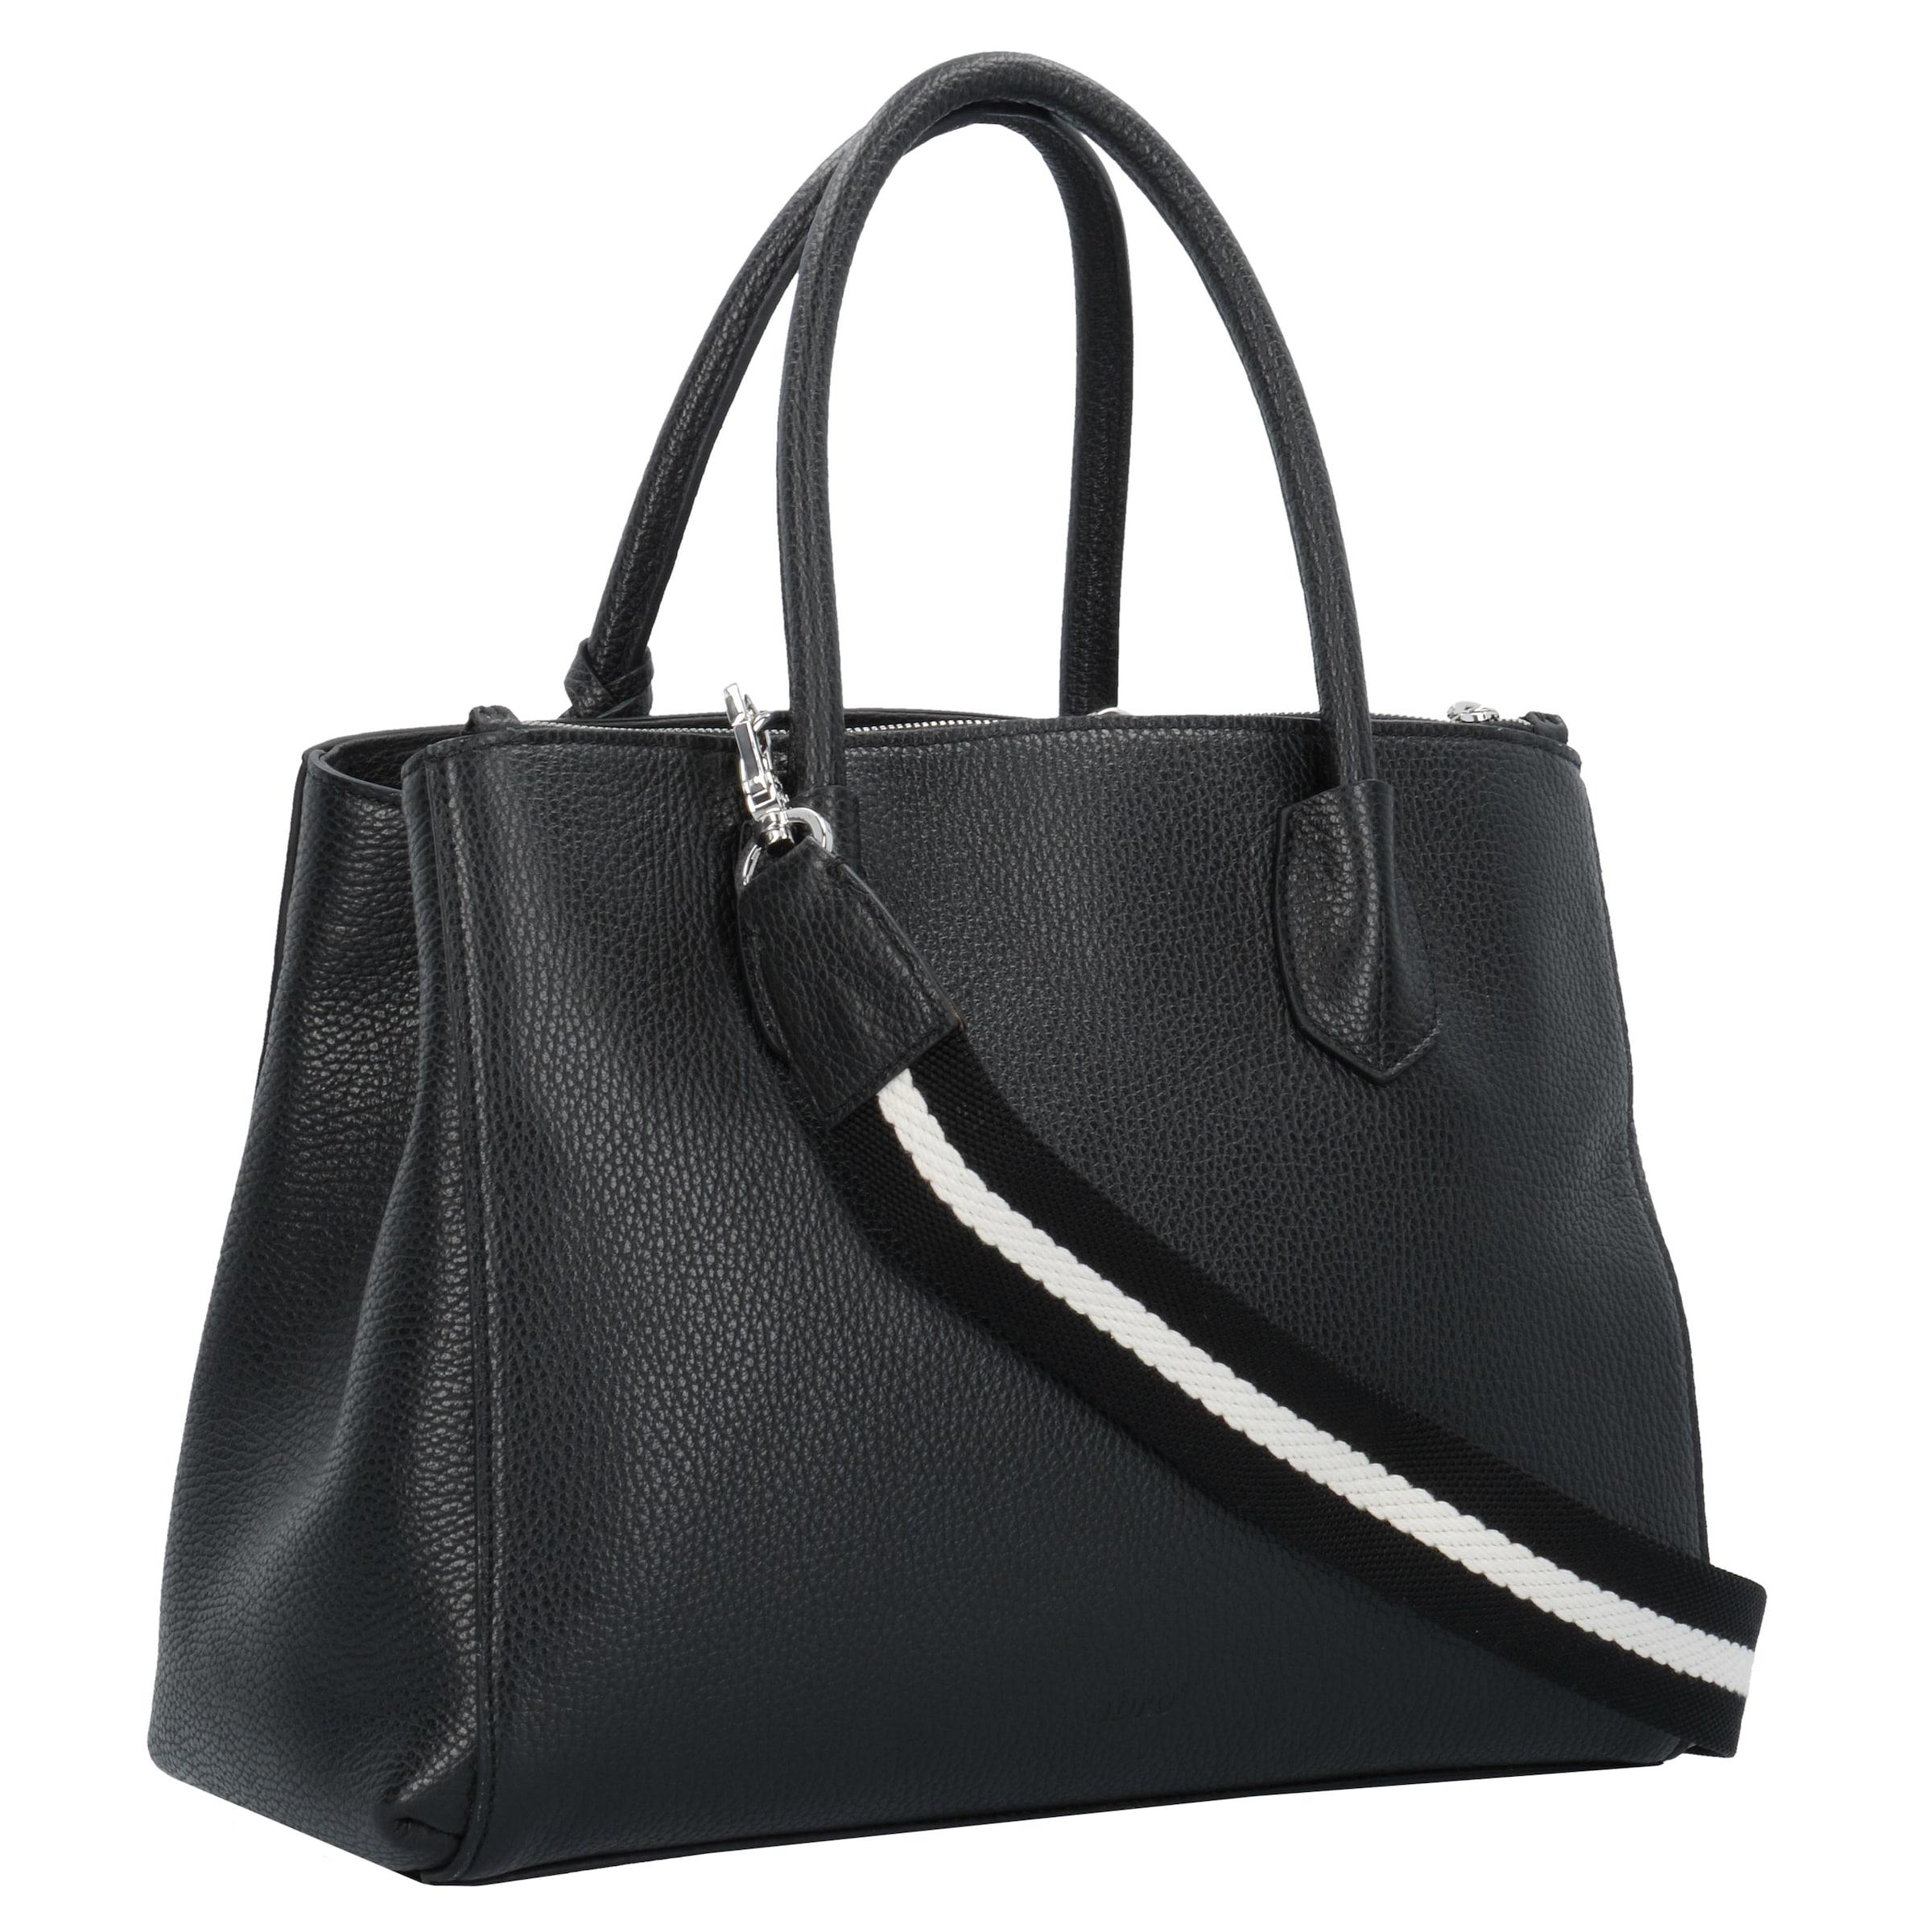 Günstige Online Günstig Kaufen Echt ABRO Adria Handtasche Leder 32 cm Pick Ein Besten Zum Verkauf Ag2oEr9RqF